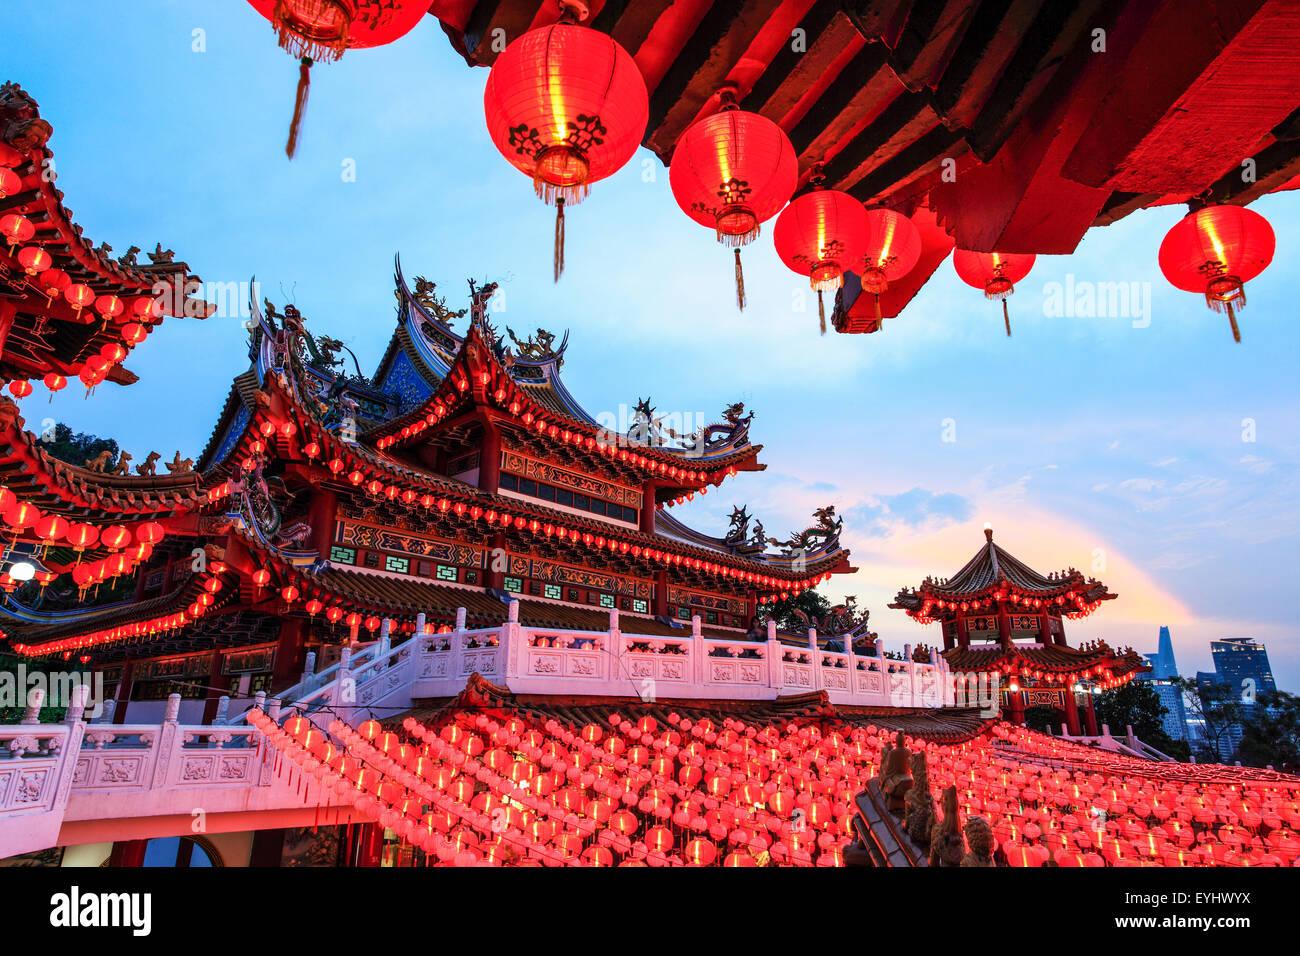 Alle Thean Hou Tempel Laternen beleuchtet während des chinesischen Neujahrs. Stockbild